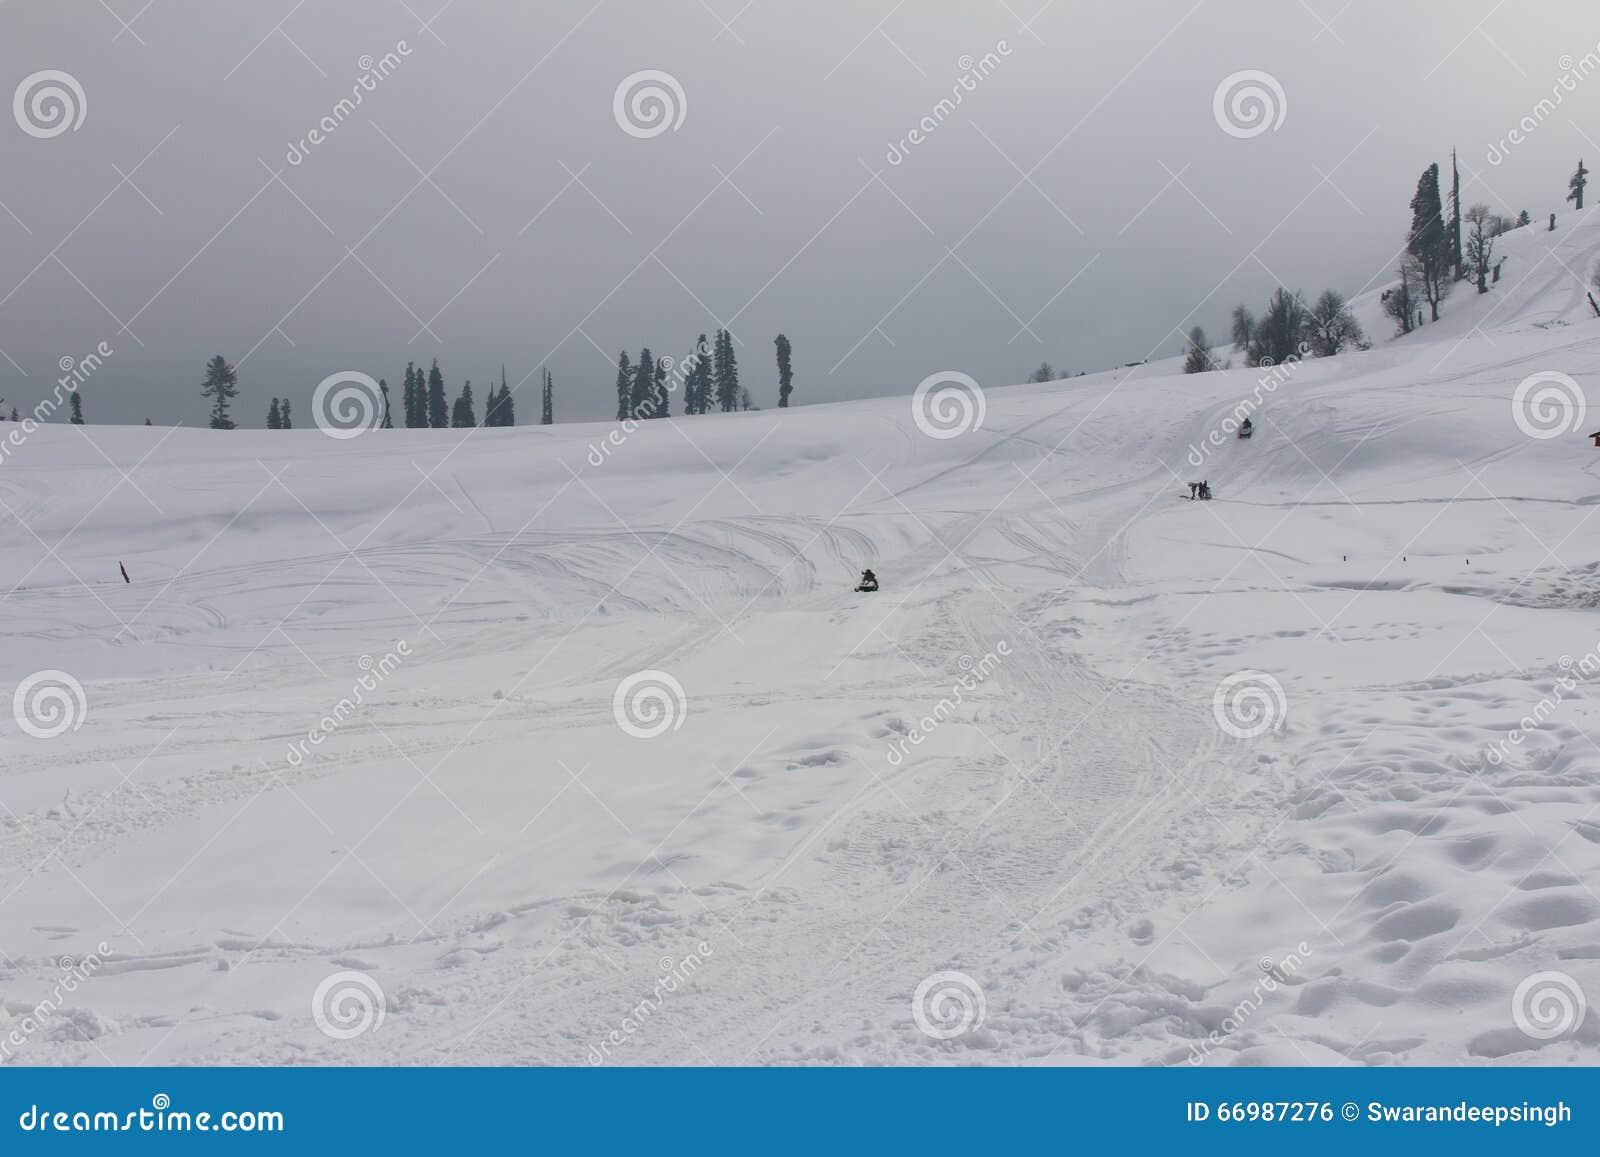 Sneeuw mobiles in afstand op sneeuw behandeld gebied in Gulmarg, Kashmir